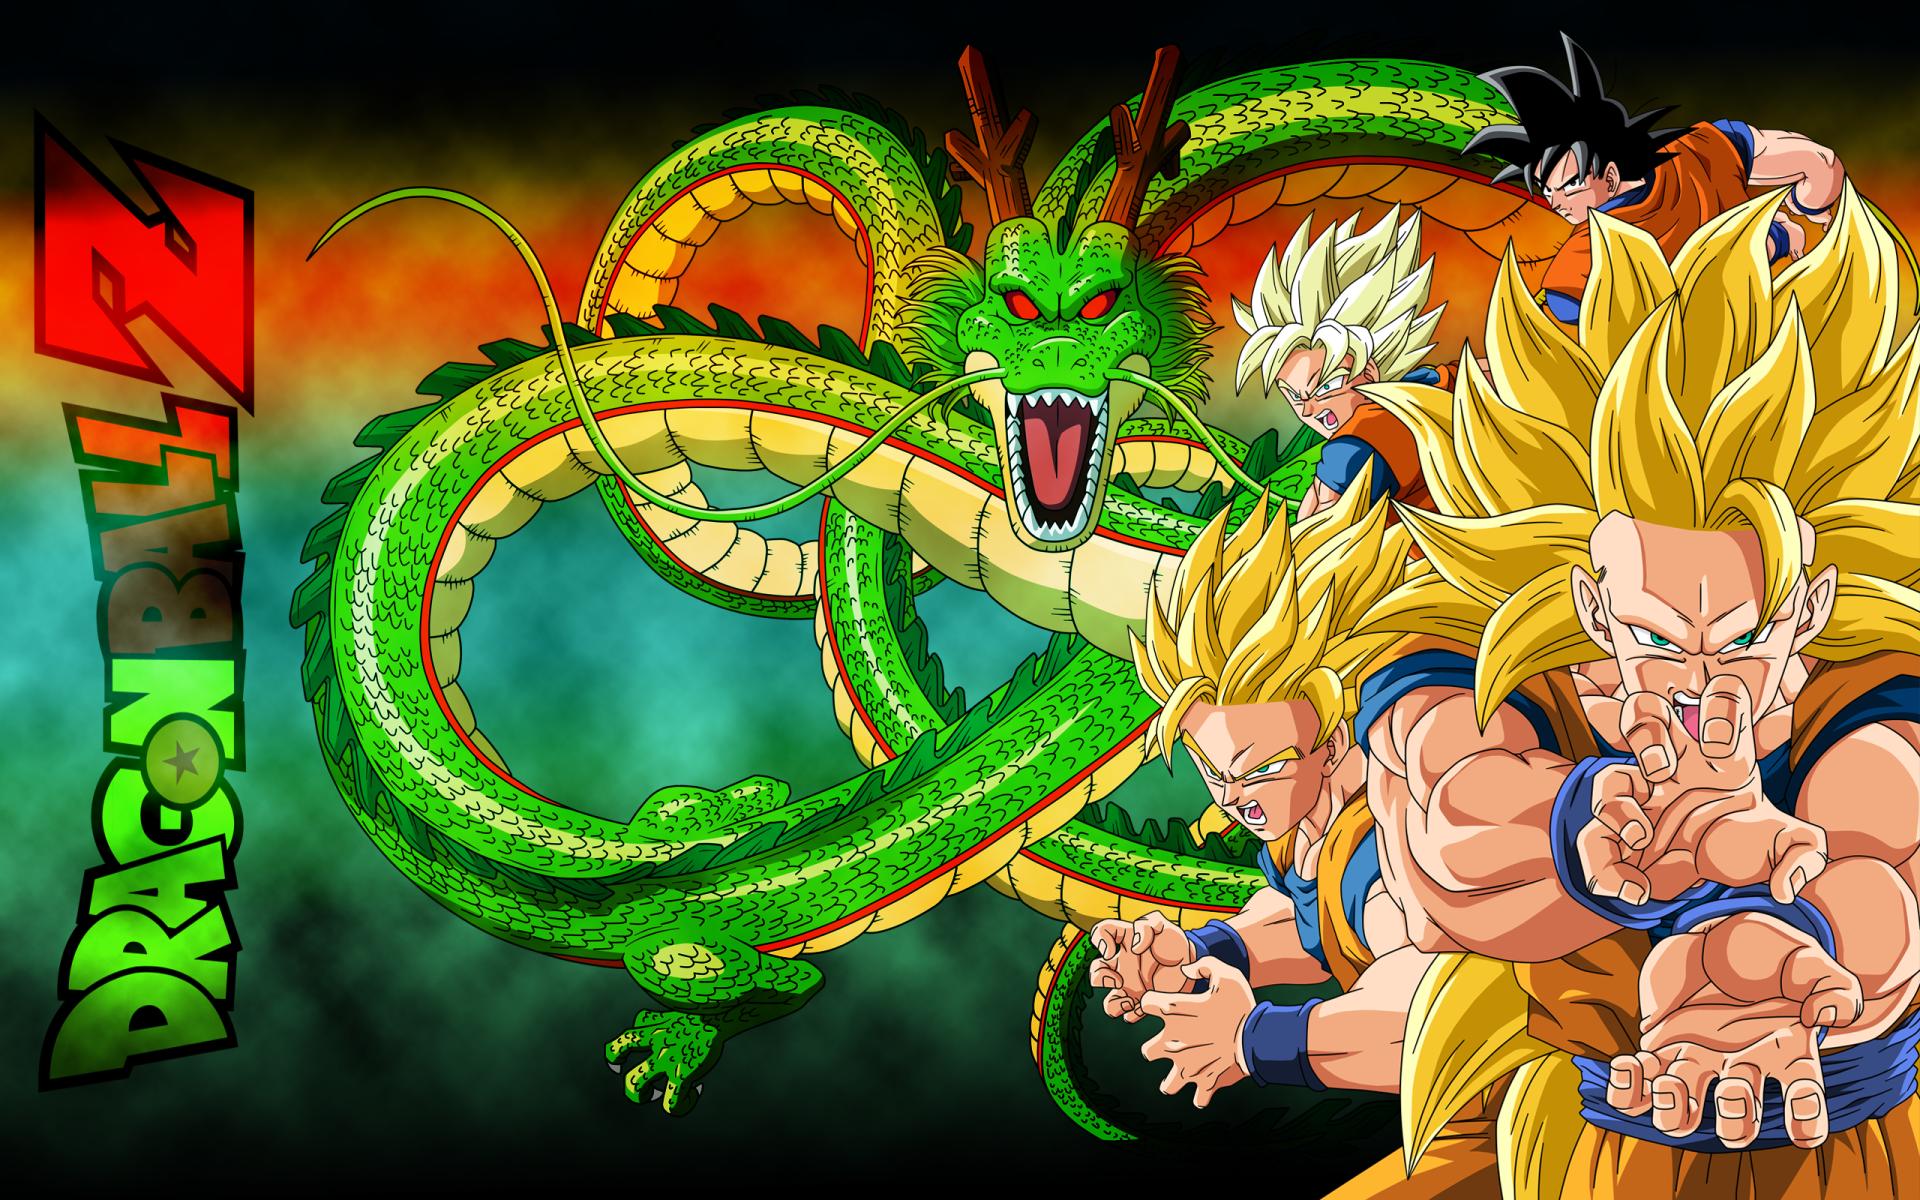 Goku's Journey Full HD Papel De Parede And Planos De Fundo